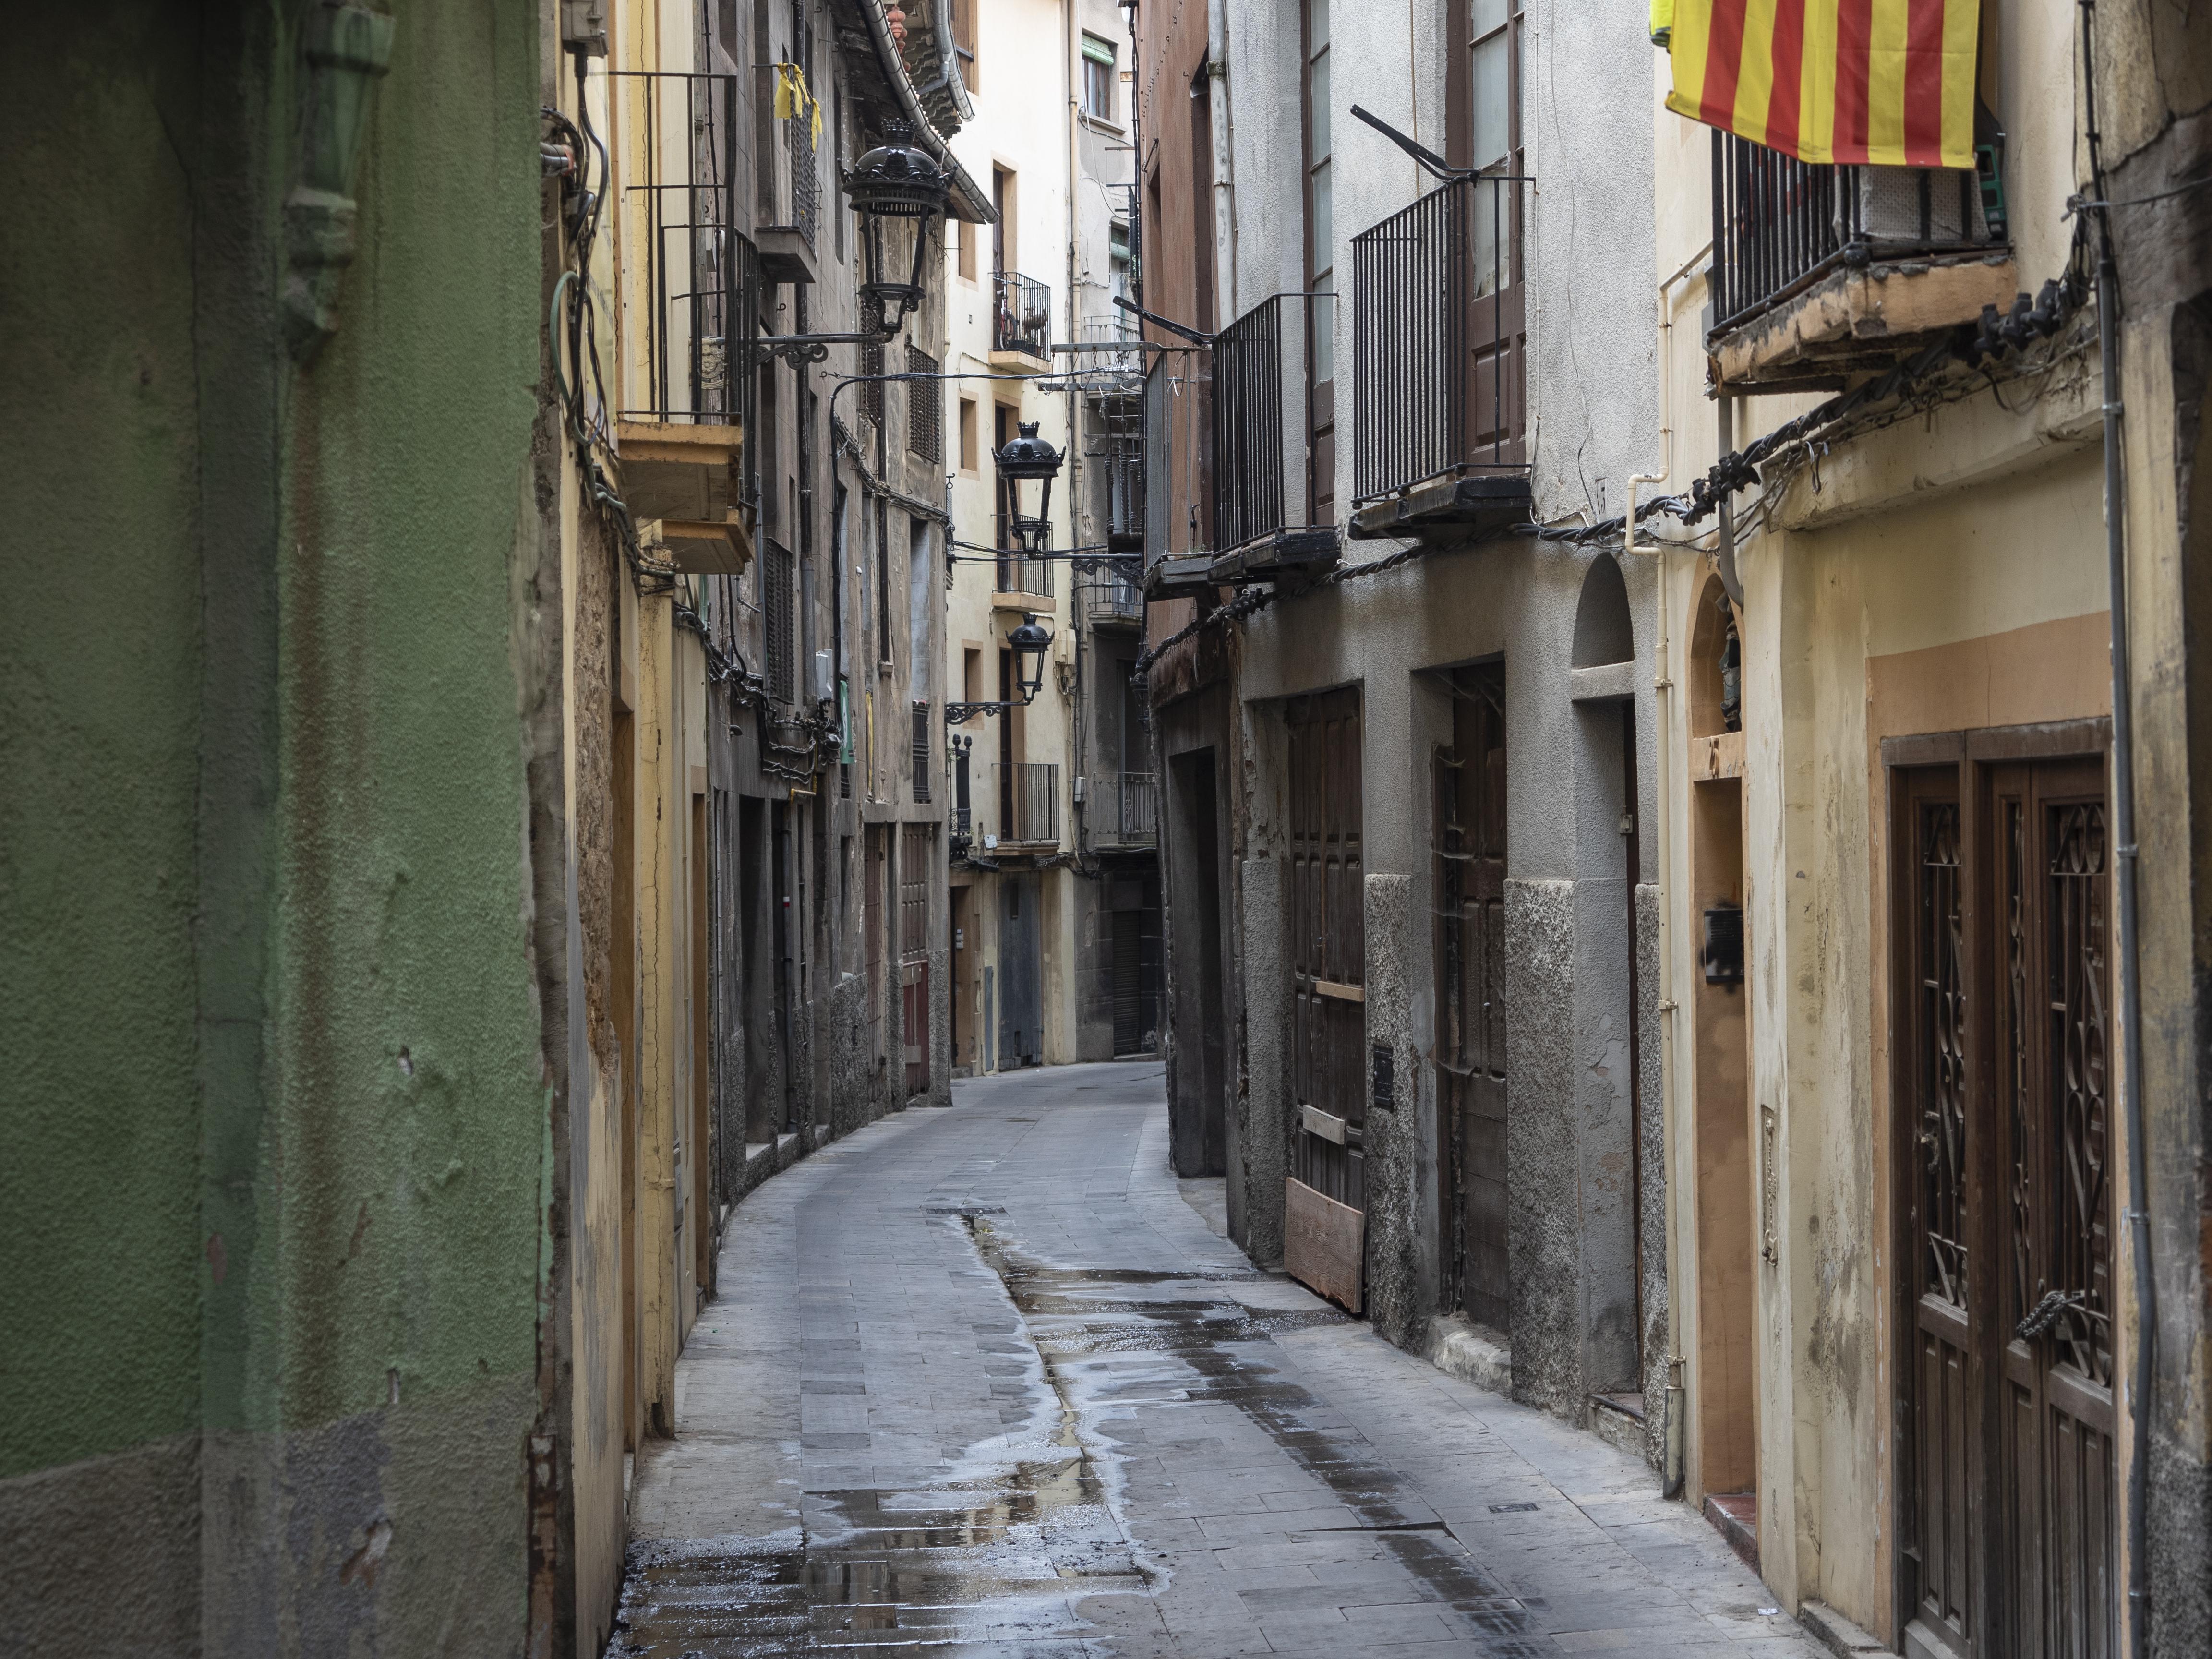 El Carrer Buxadé, un dels camins que porta de la Plaça de Sant Pere a la de Santa Magdalena durant els passacarrers de la Patum. FOTO: Anna E. Puig